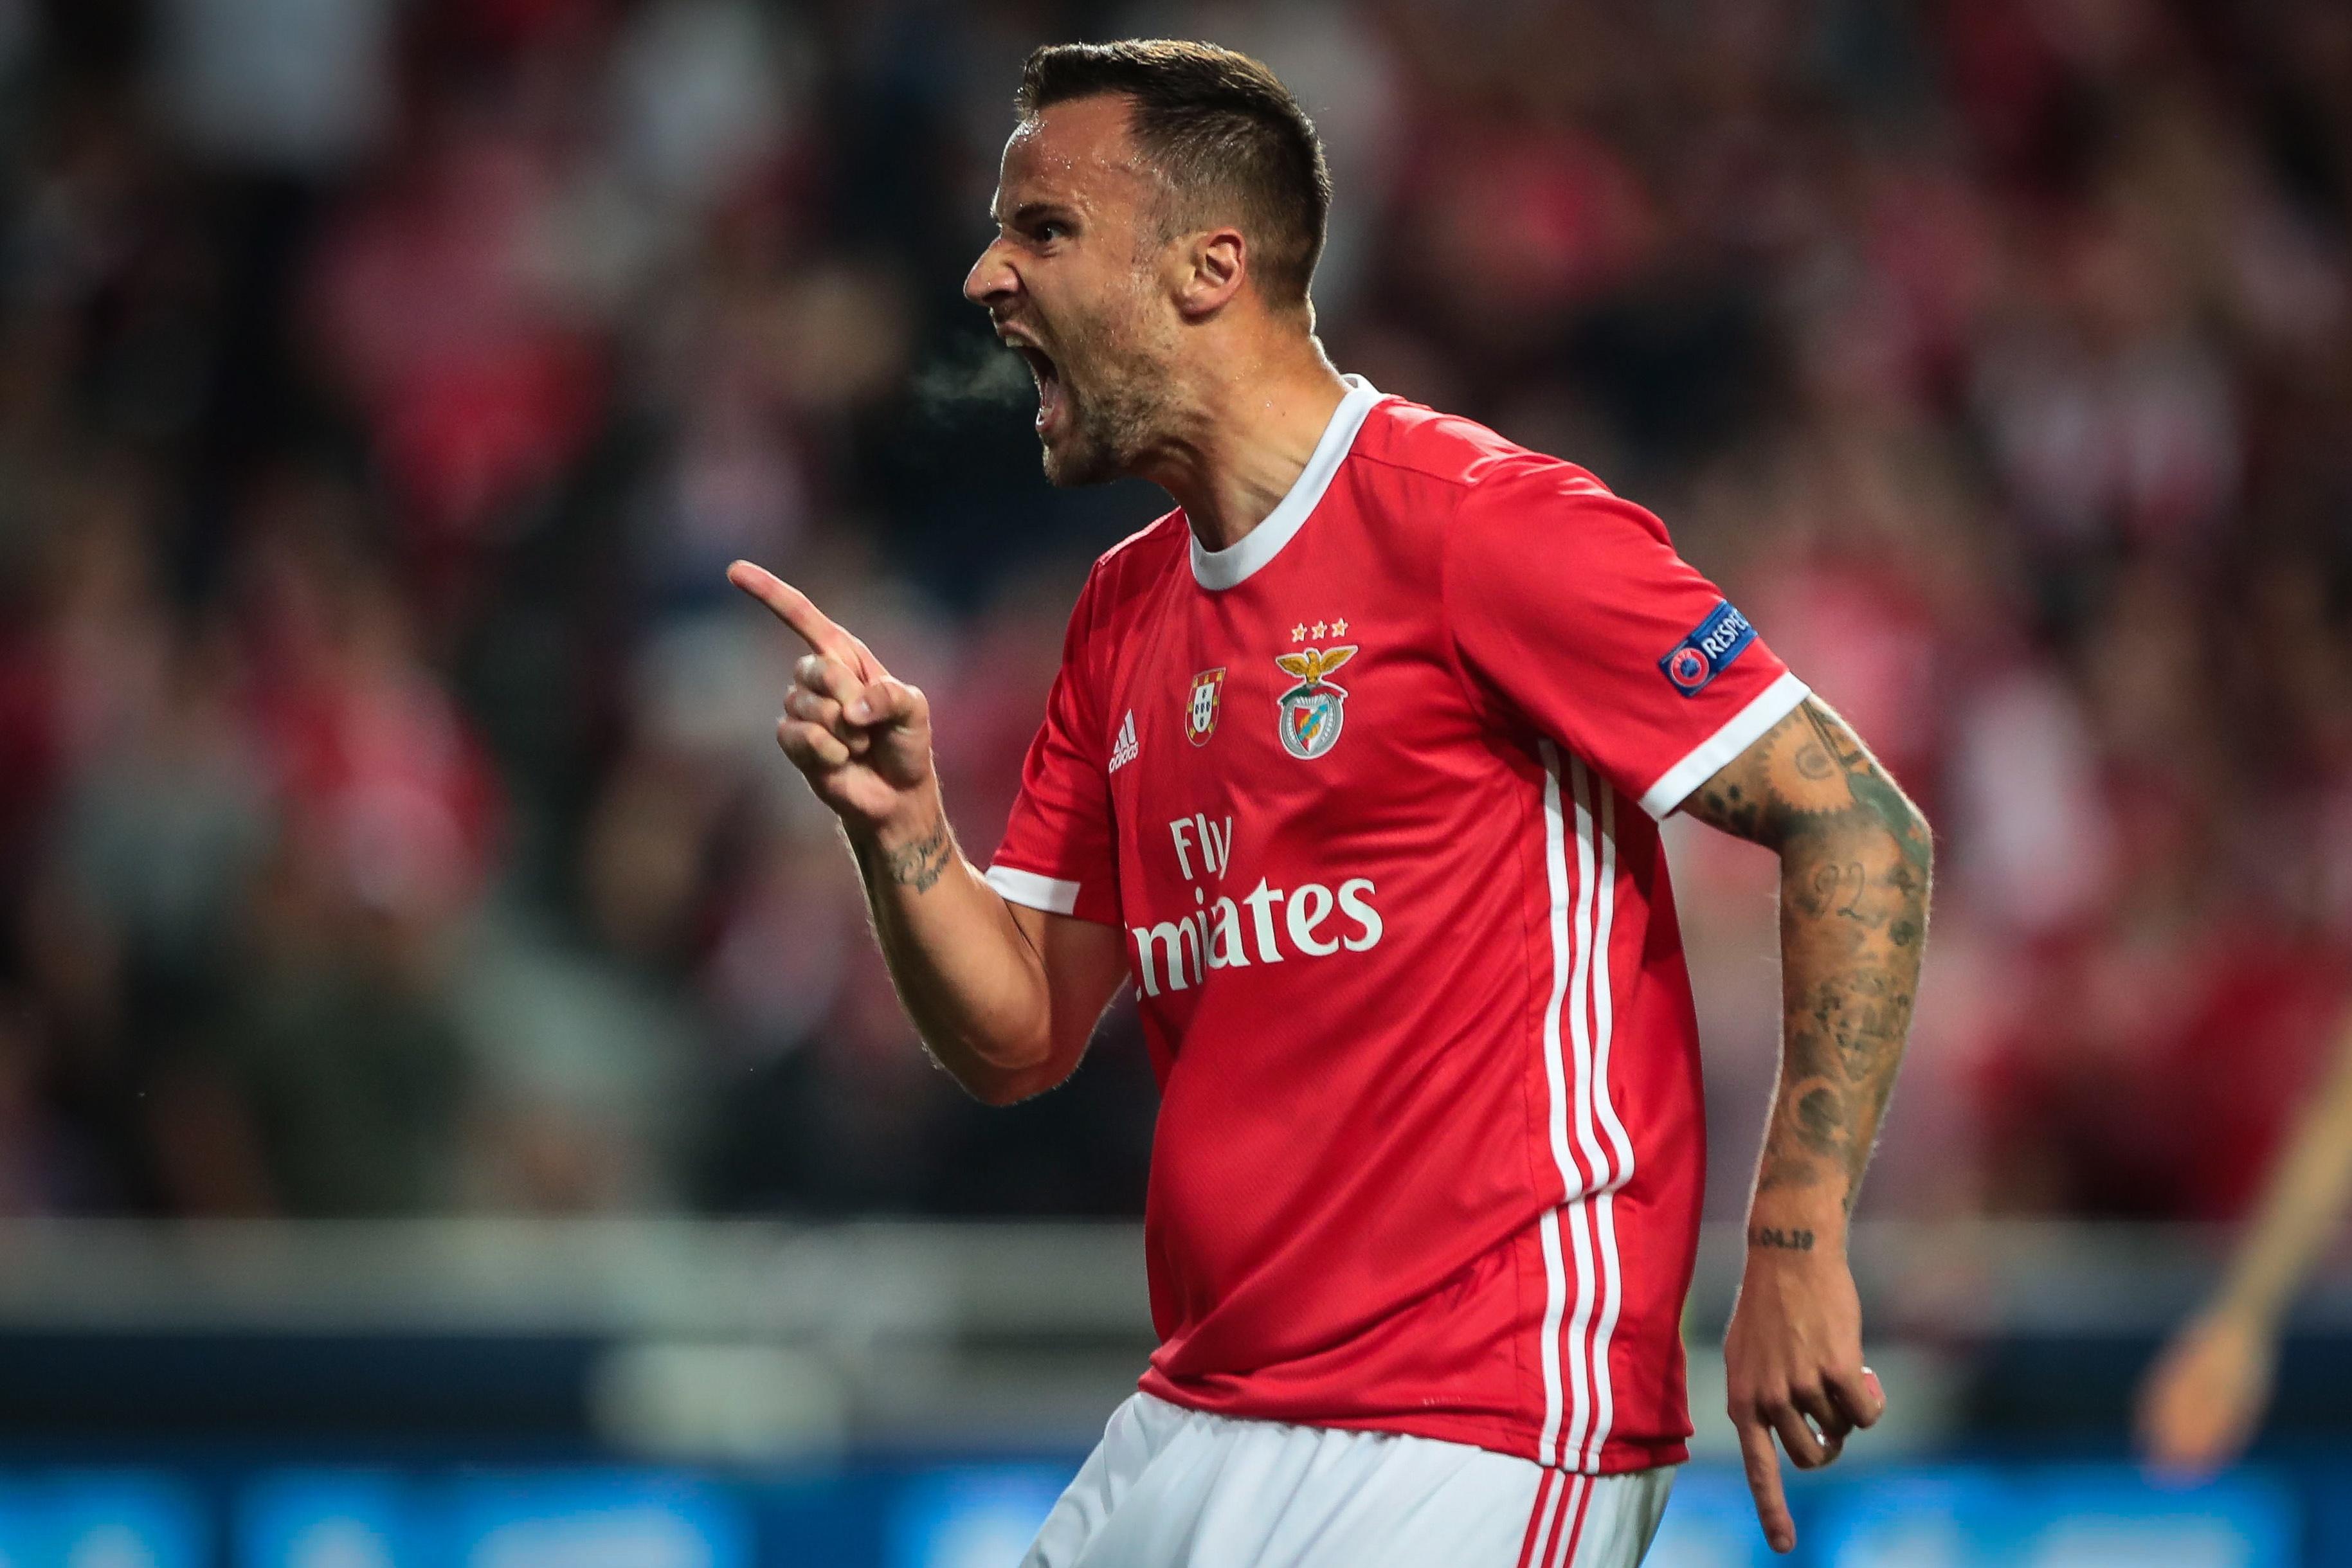 Seferovic regressa aos convocados do Benfica, após um mês ausente